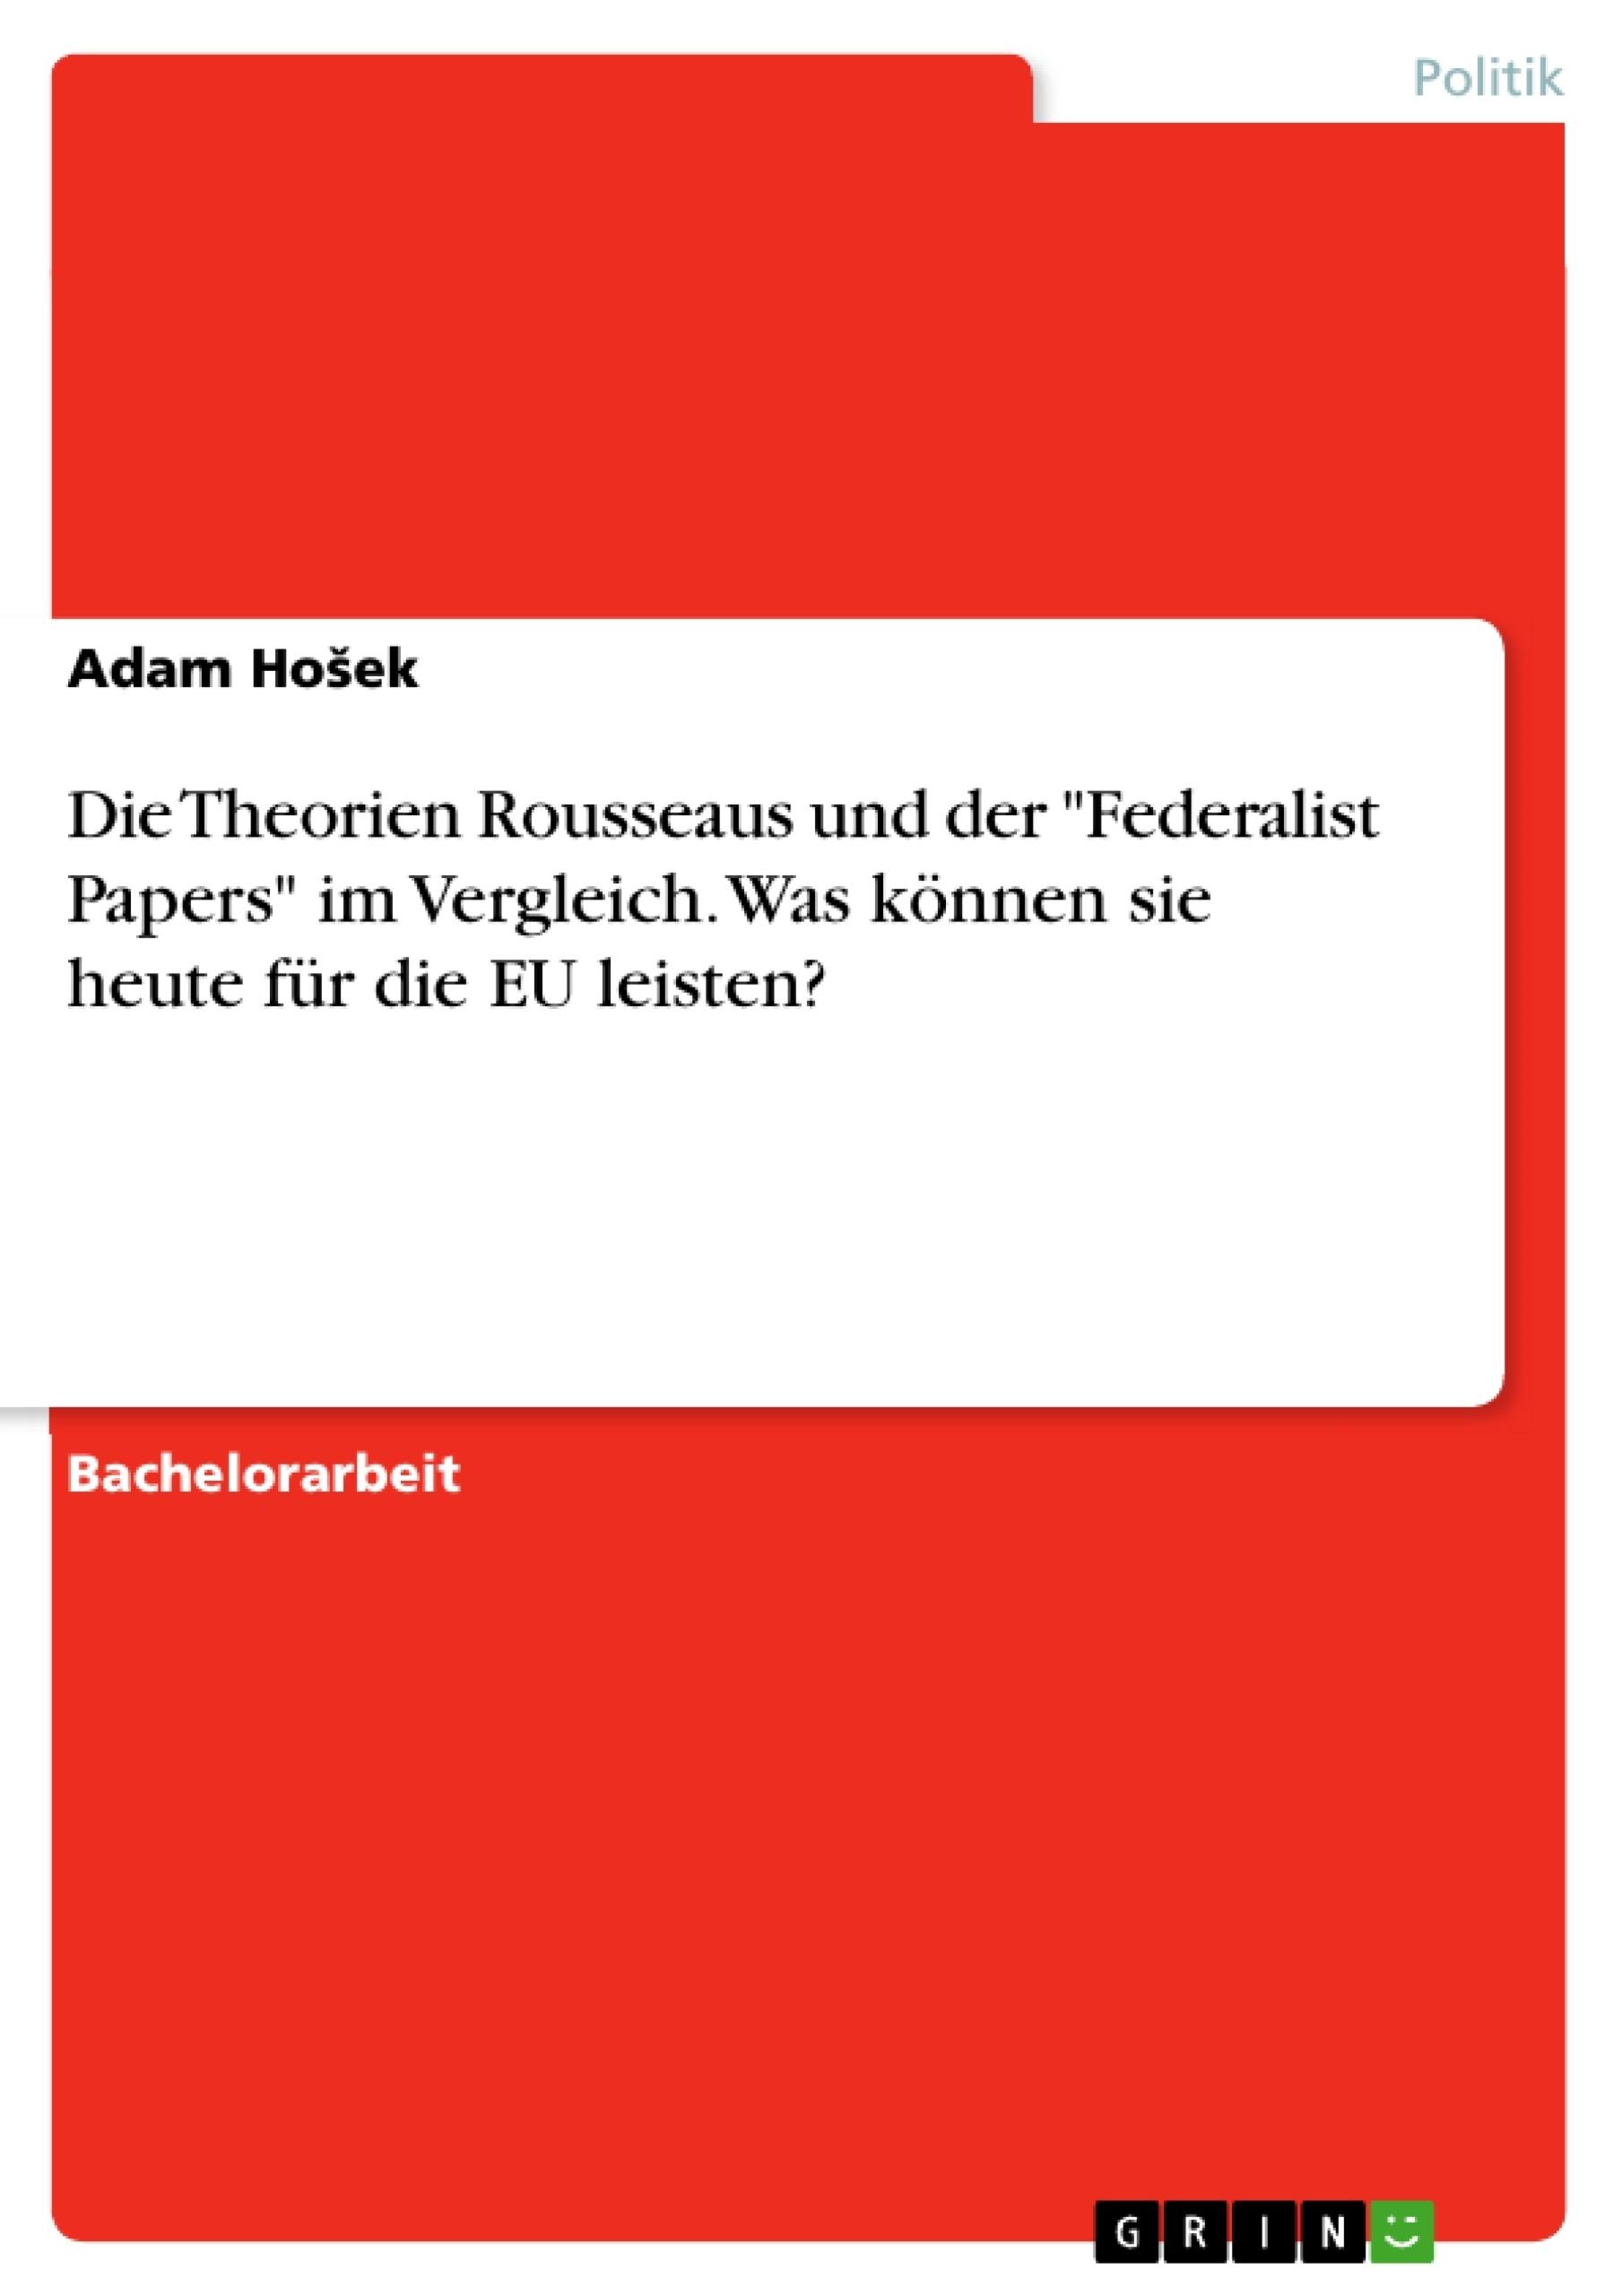 """Titel: Die Theorien Rousseaus und der """"Federalist Papers"""" im Vergleich. Was können sie heute für die EU leisten?"""